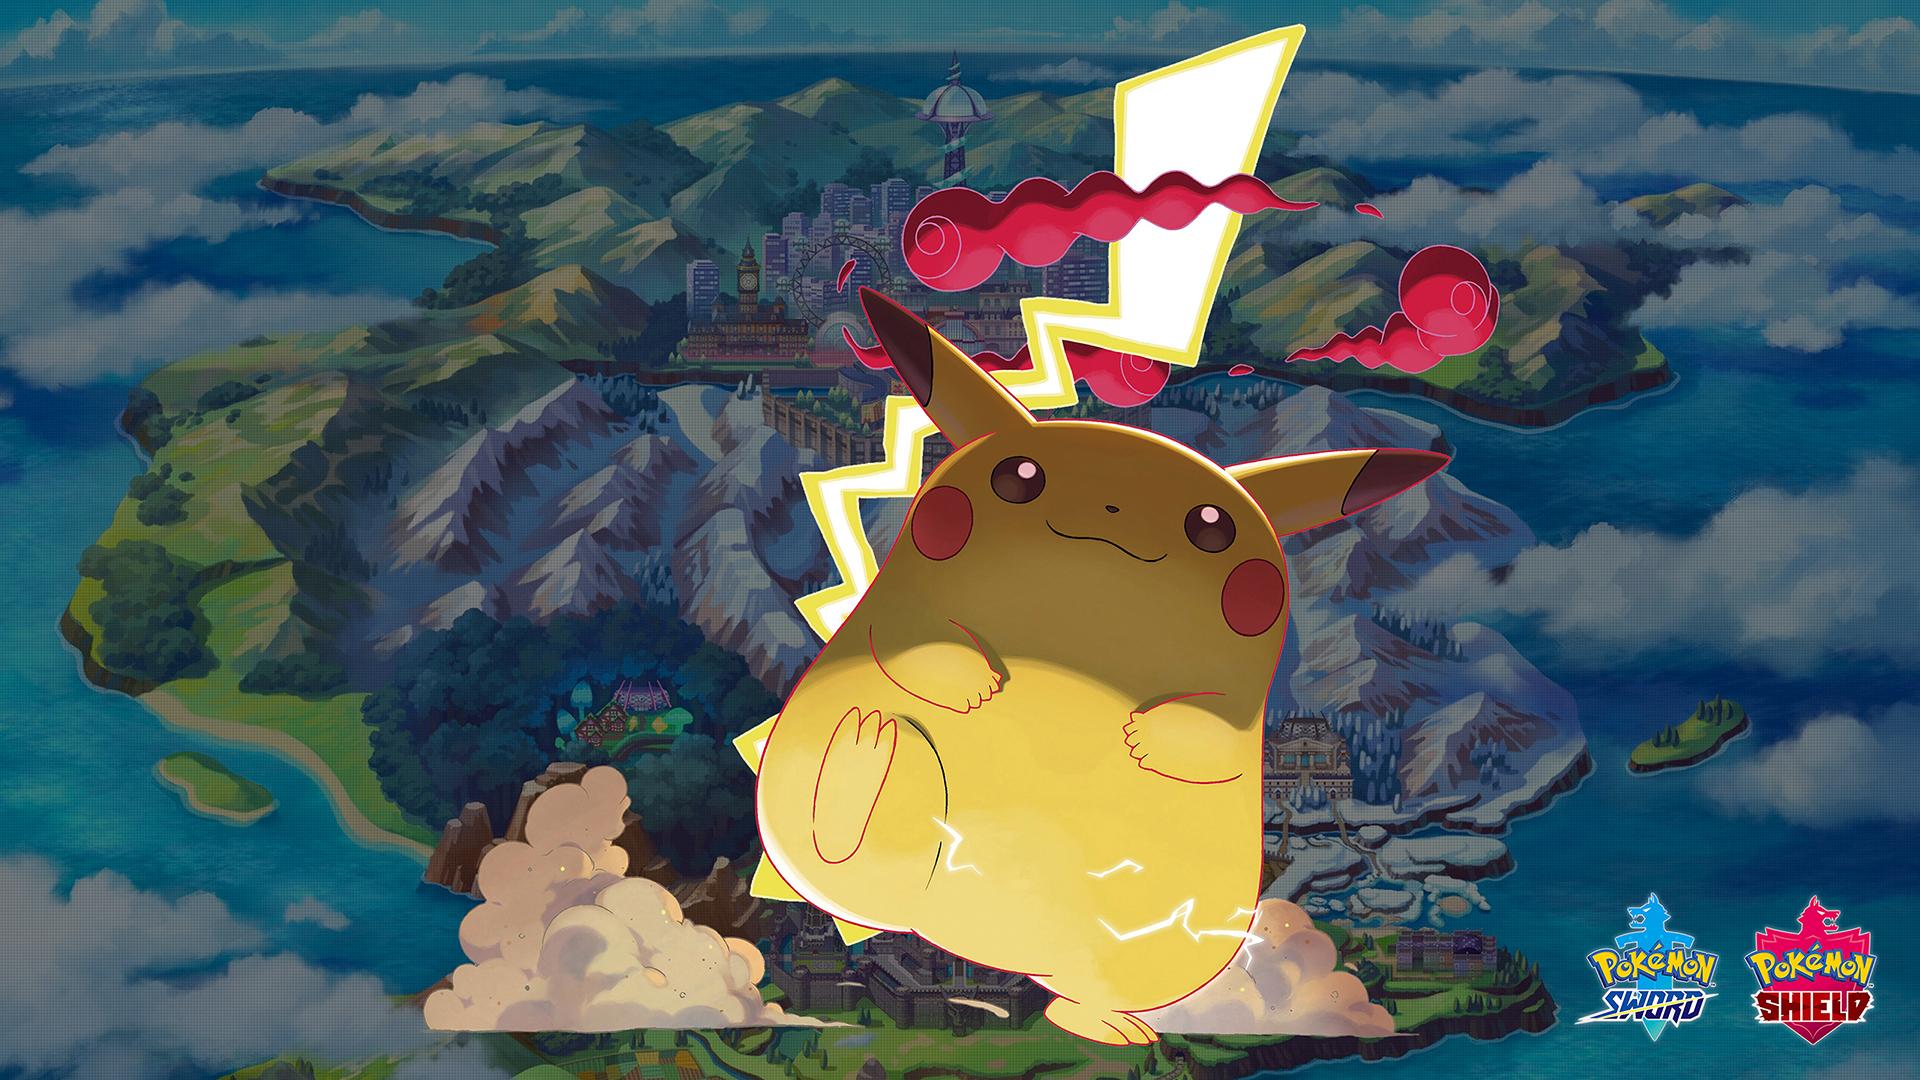 Ảnh nền Pikachu anime đẹp